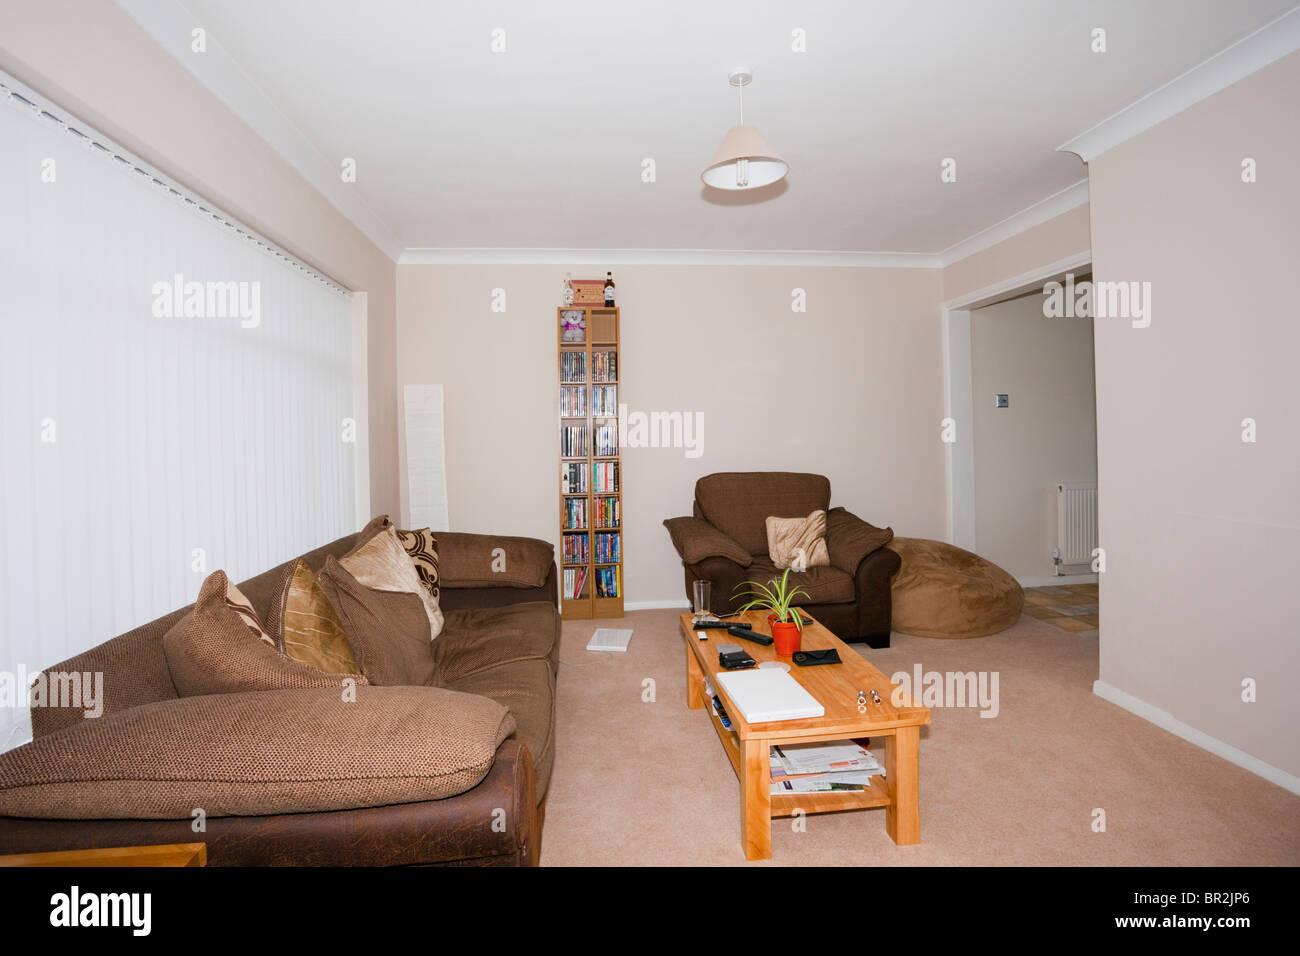 Sofá, silla y mesa en una prolija minimalista moderno salón con las persianas cerradas en inglés Imagen De Stock